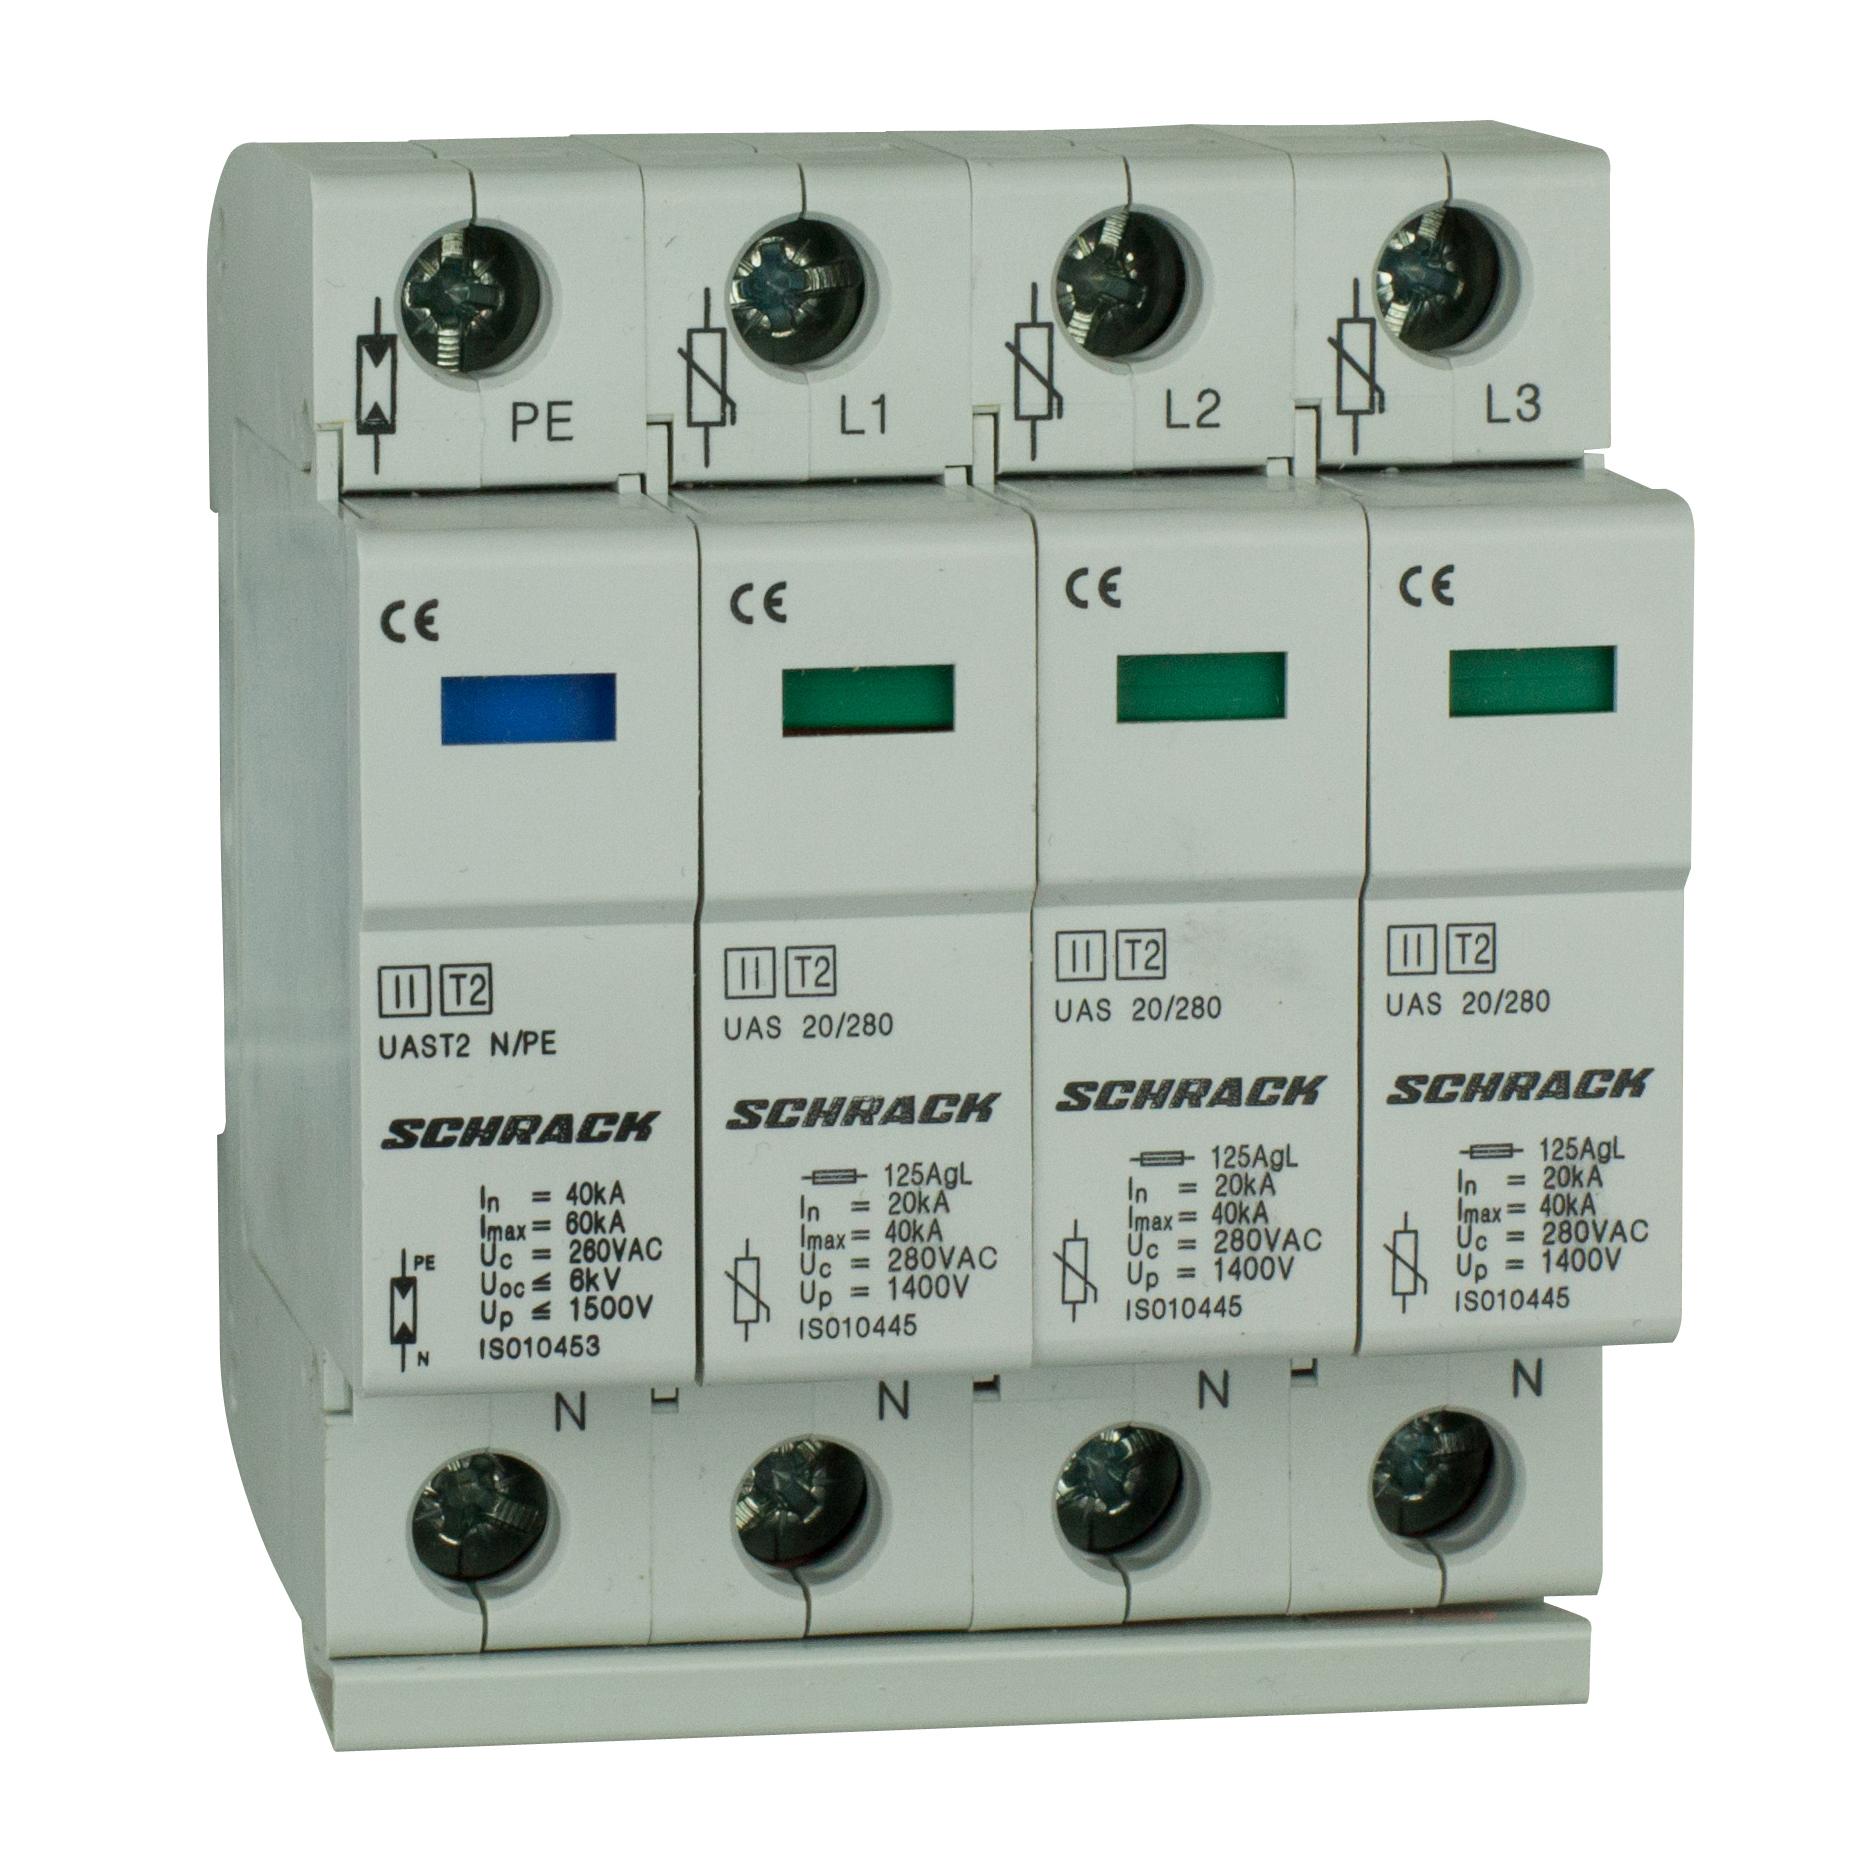 1 Stk T2/C - Ableiter komplett, 3+1, 60kA/280V - Serie UAS IS010459--